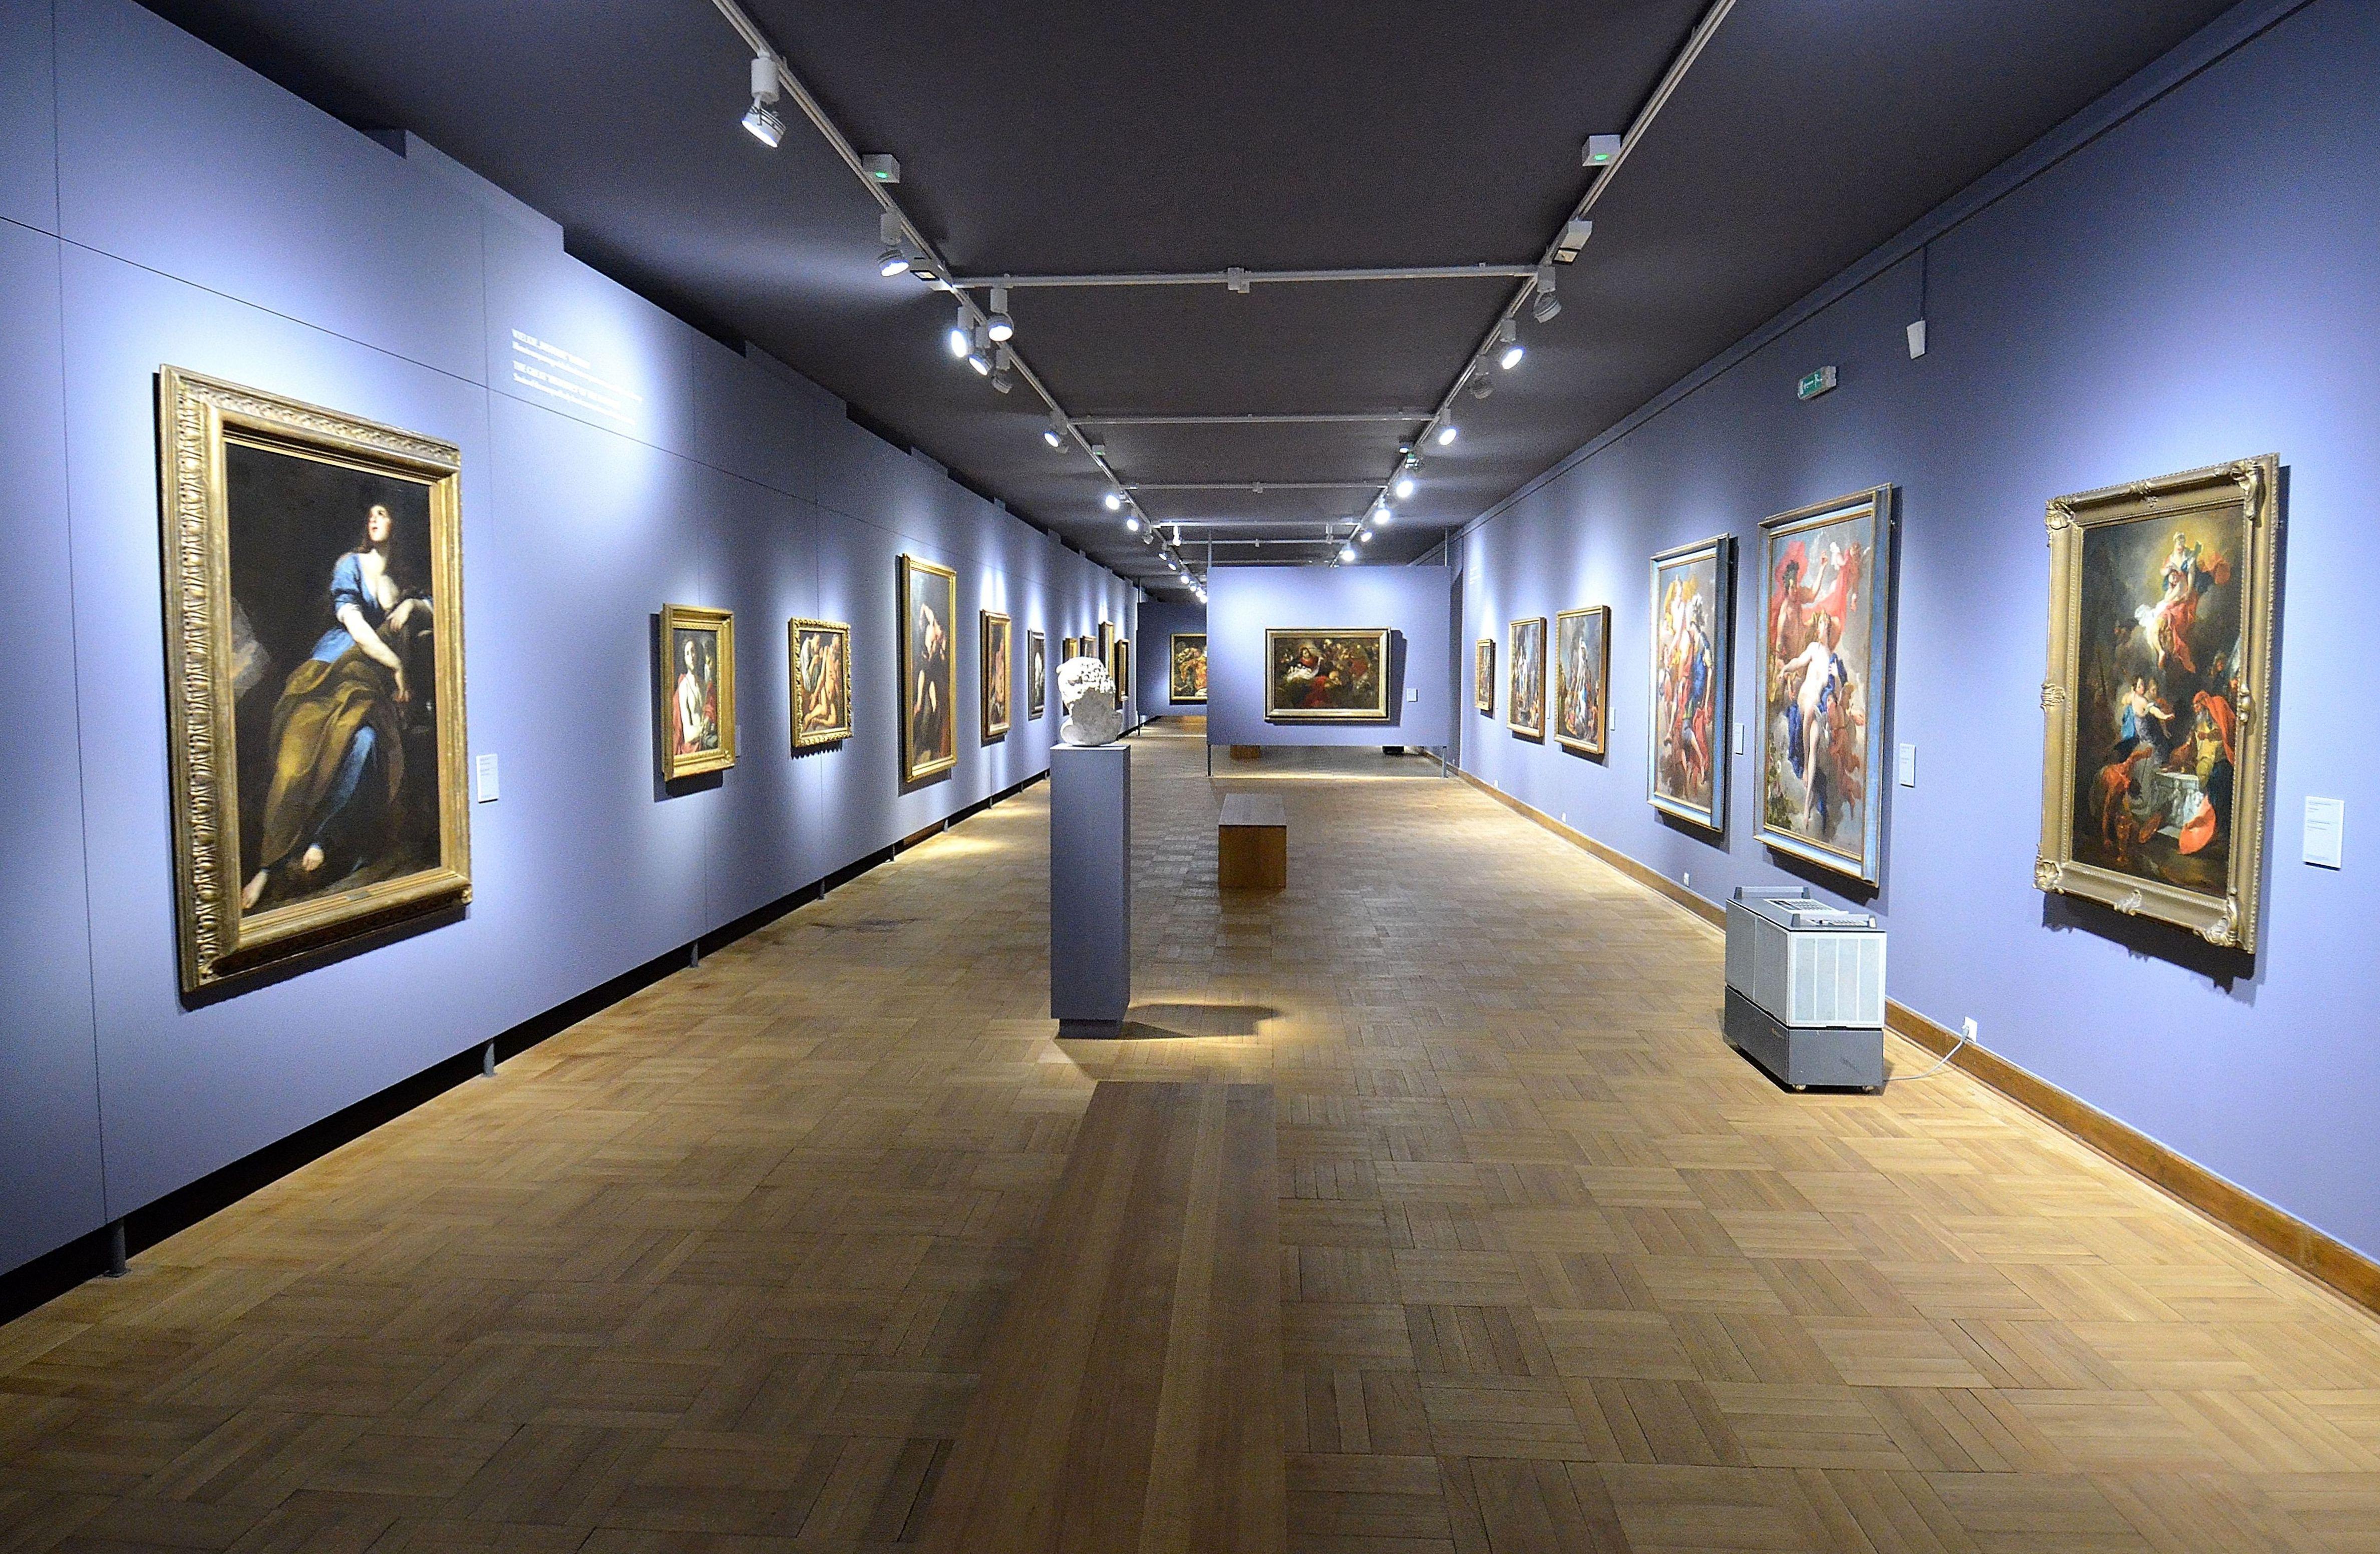 Muzeum Marcepana | West-Balaton.hu